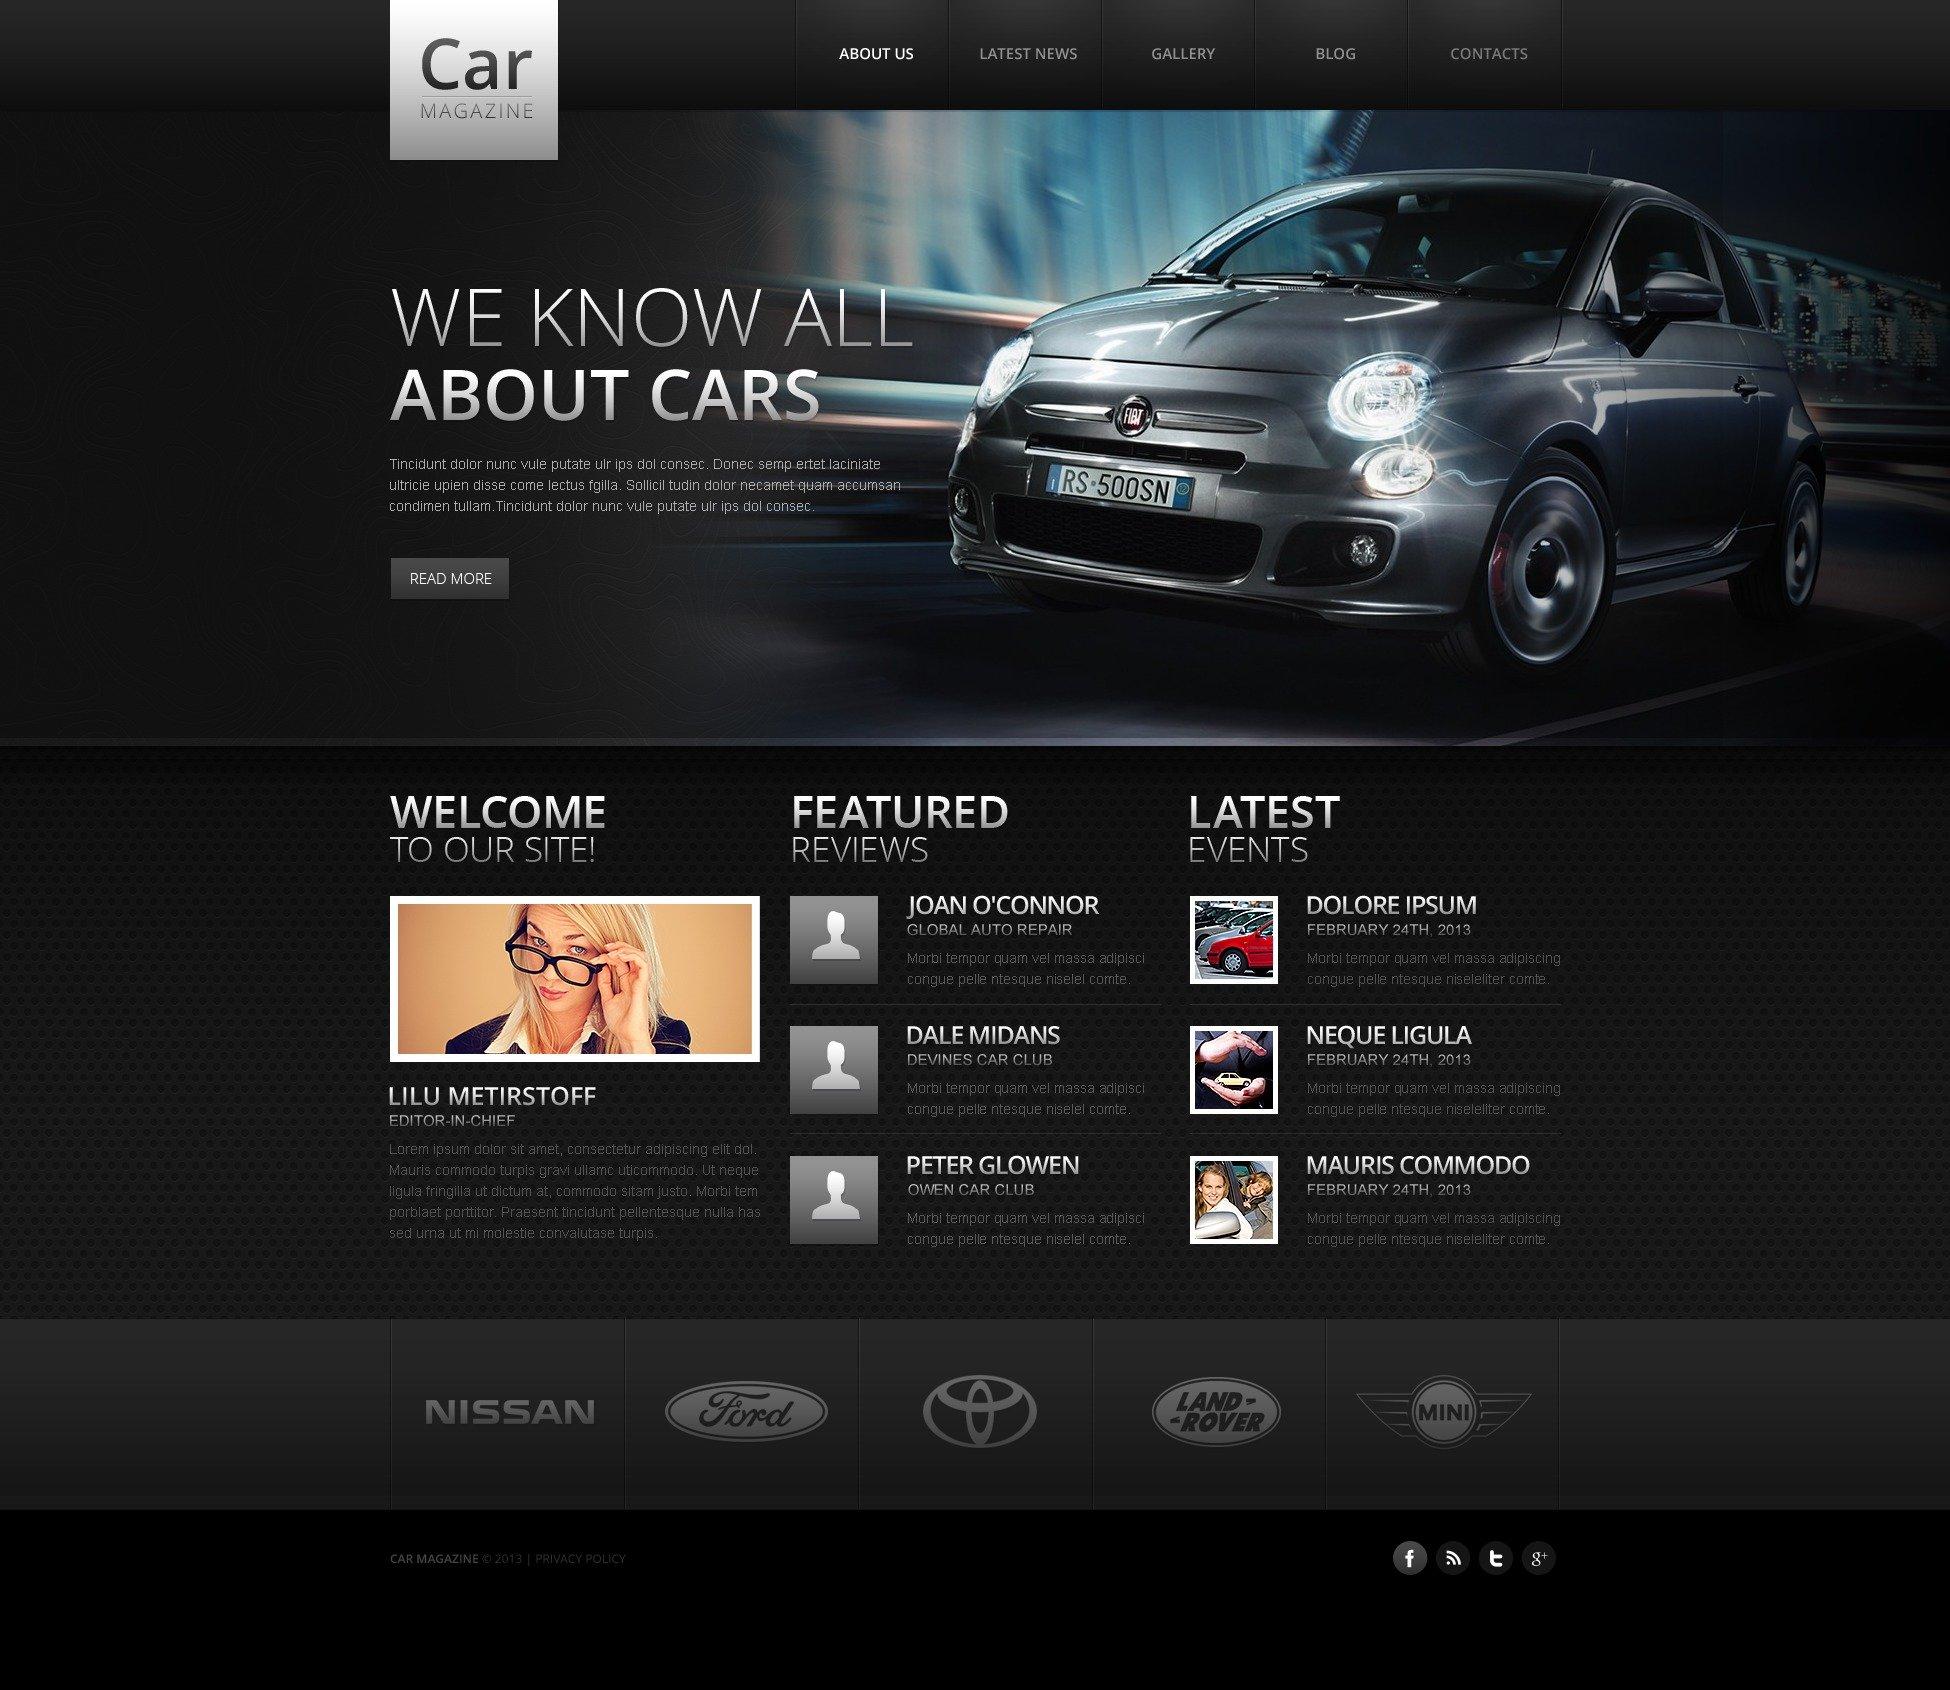 car website template 43753. Black Bedroom Furniture Sets. Home Design Ideas